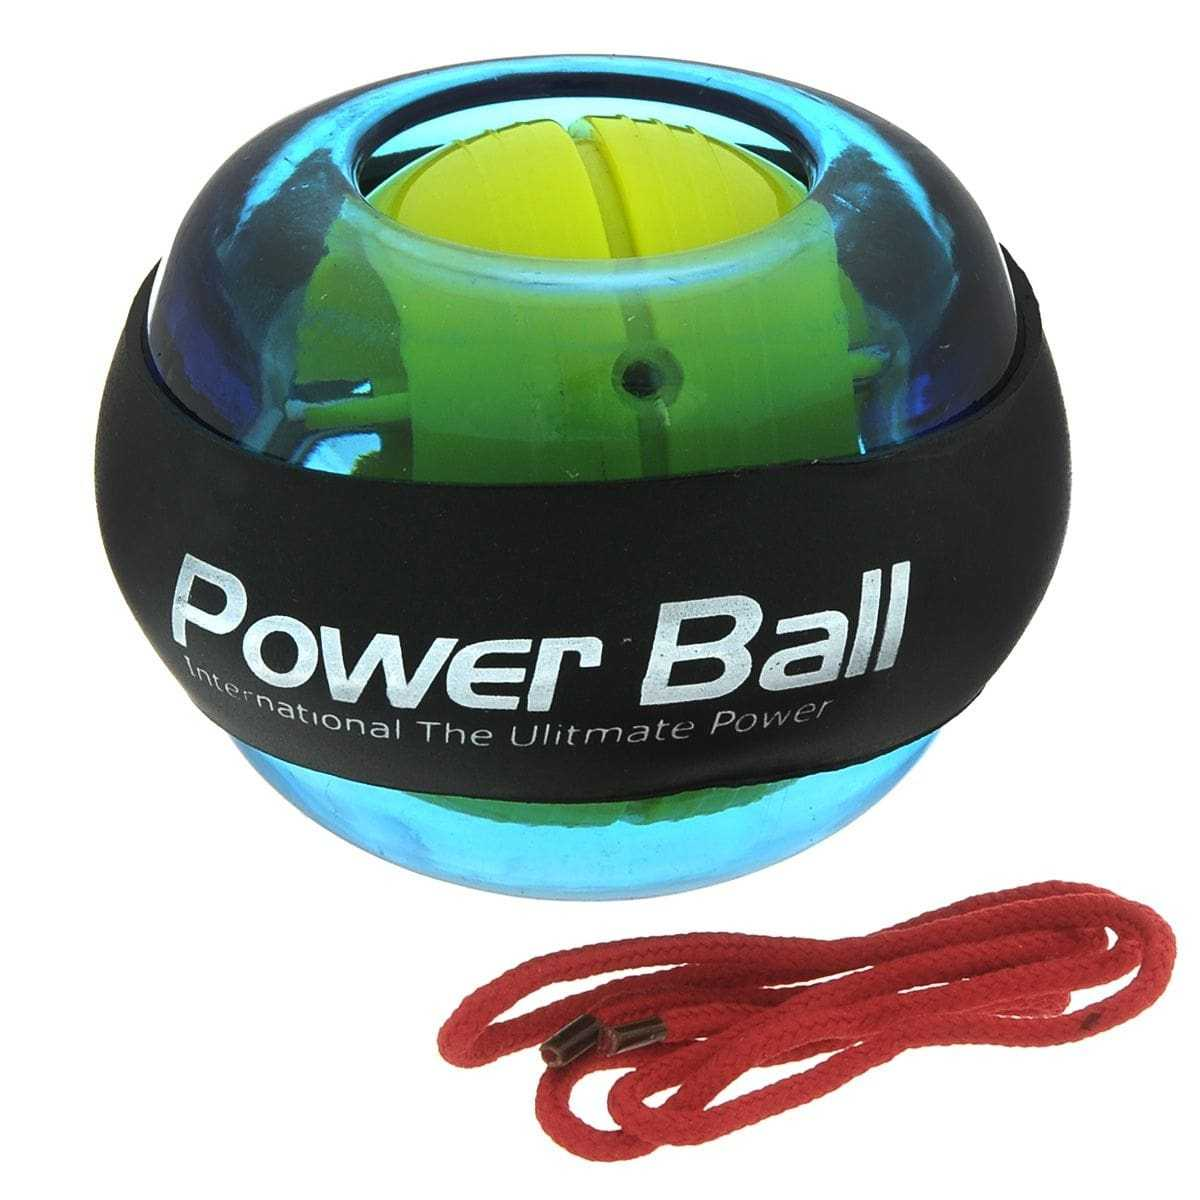 Кистевой тренажер powerball- правила пользования, отзывы о пауэрболе